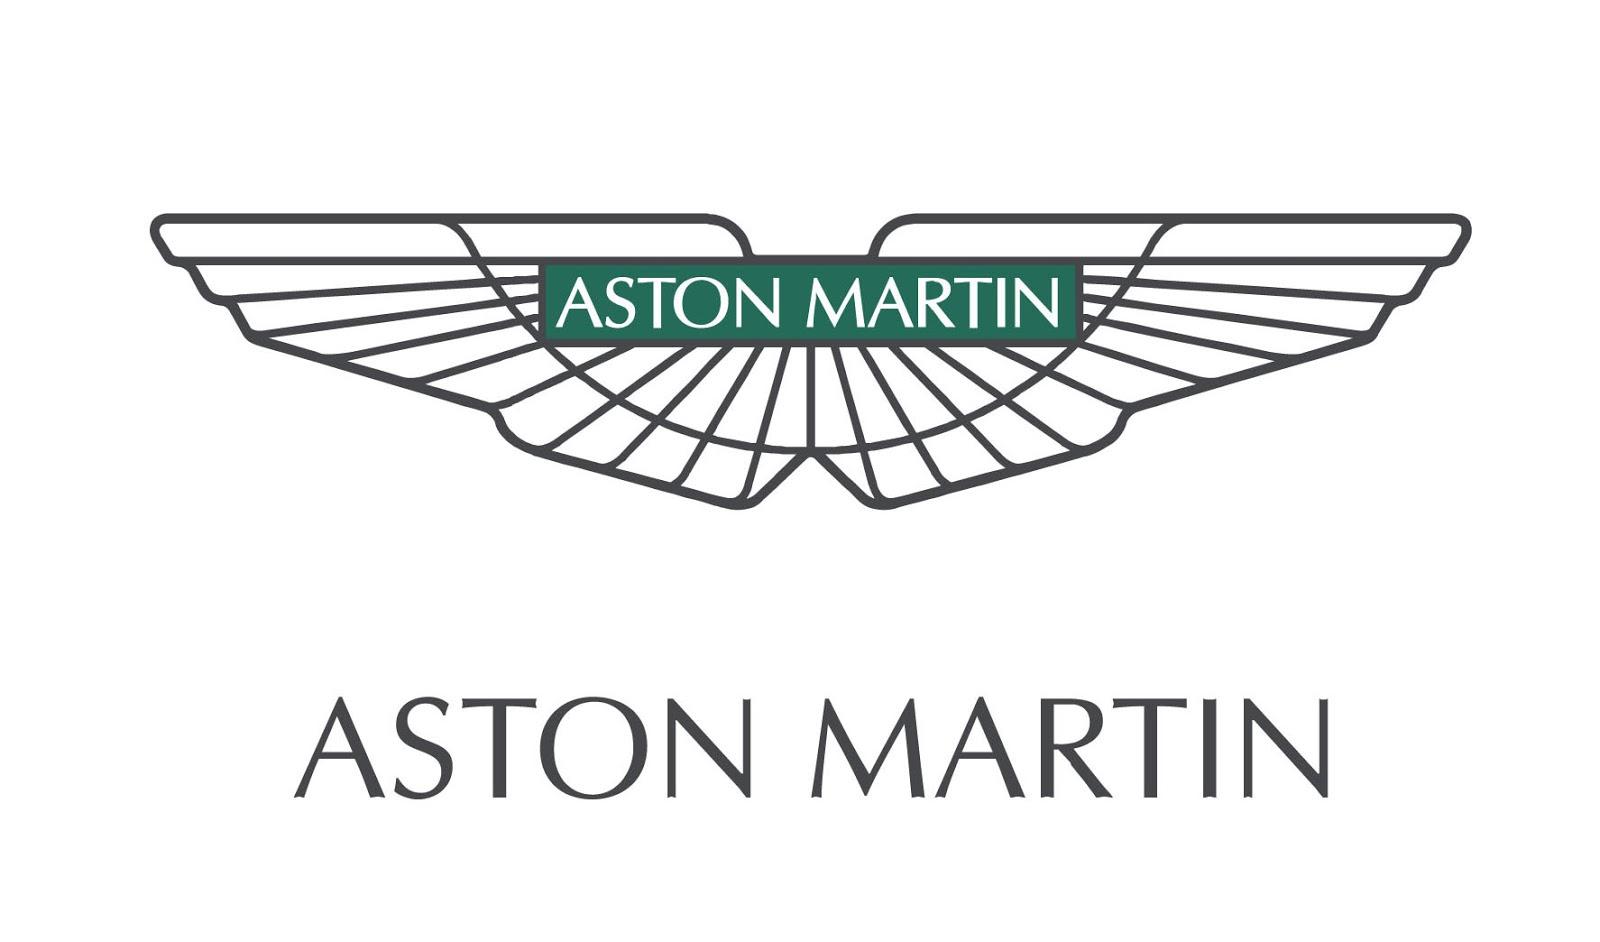 Aston Martin Logos